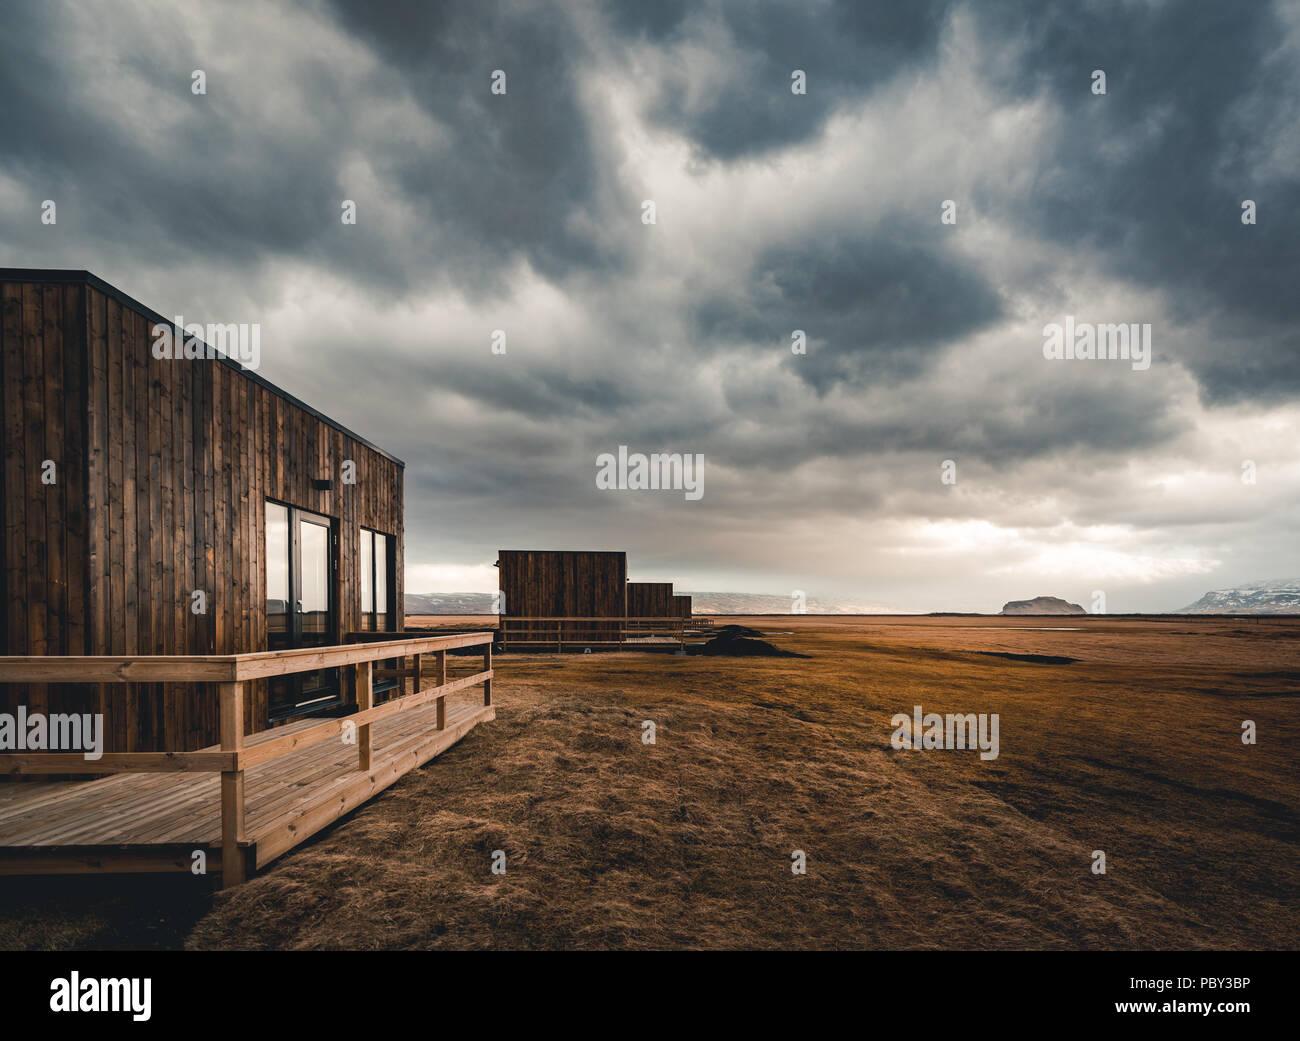 Island, Mai 2018: Blick auf neu gebauten Hütten und Bungalows, die Unterkunft für Touristen sind. Diese Kabinen haben im Jahr 2018 gebaut worden. Stockbild